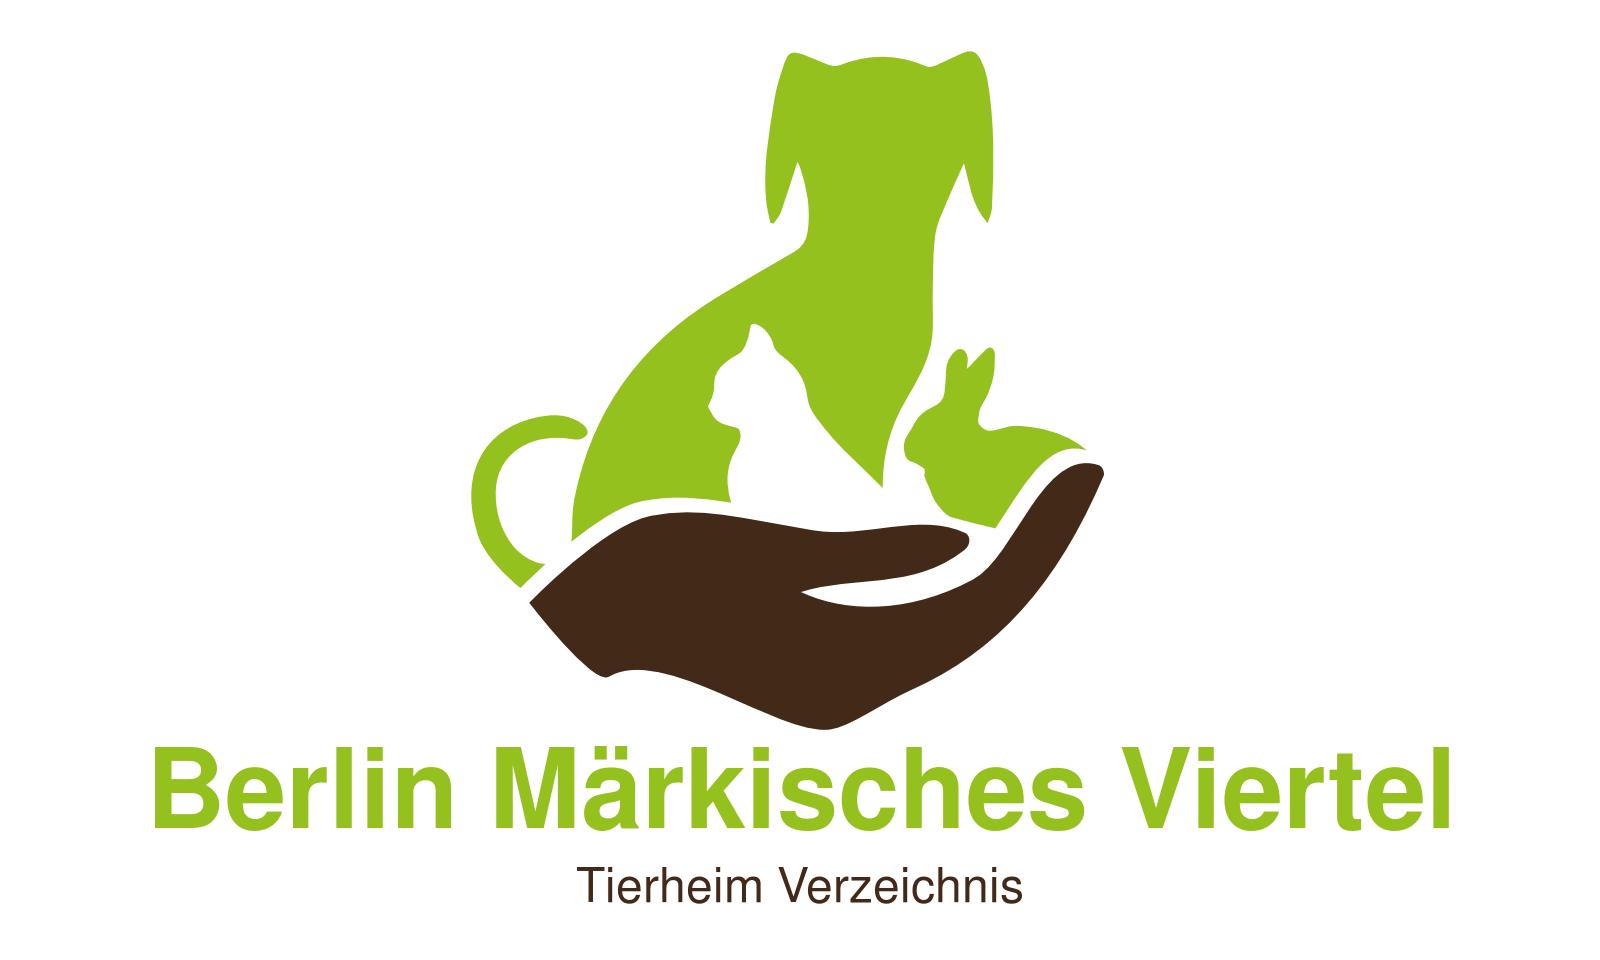 Tierheim Berlin Märkisches Viertel